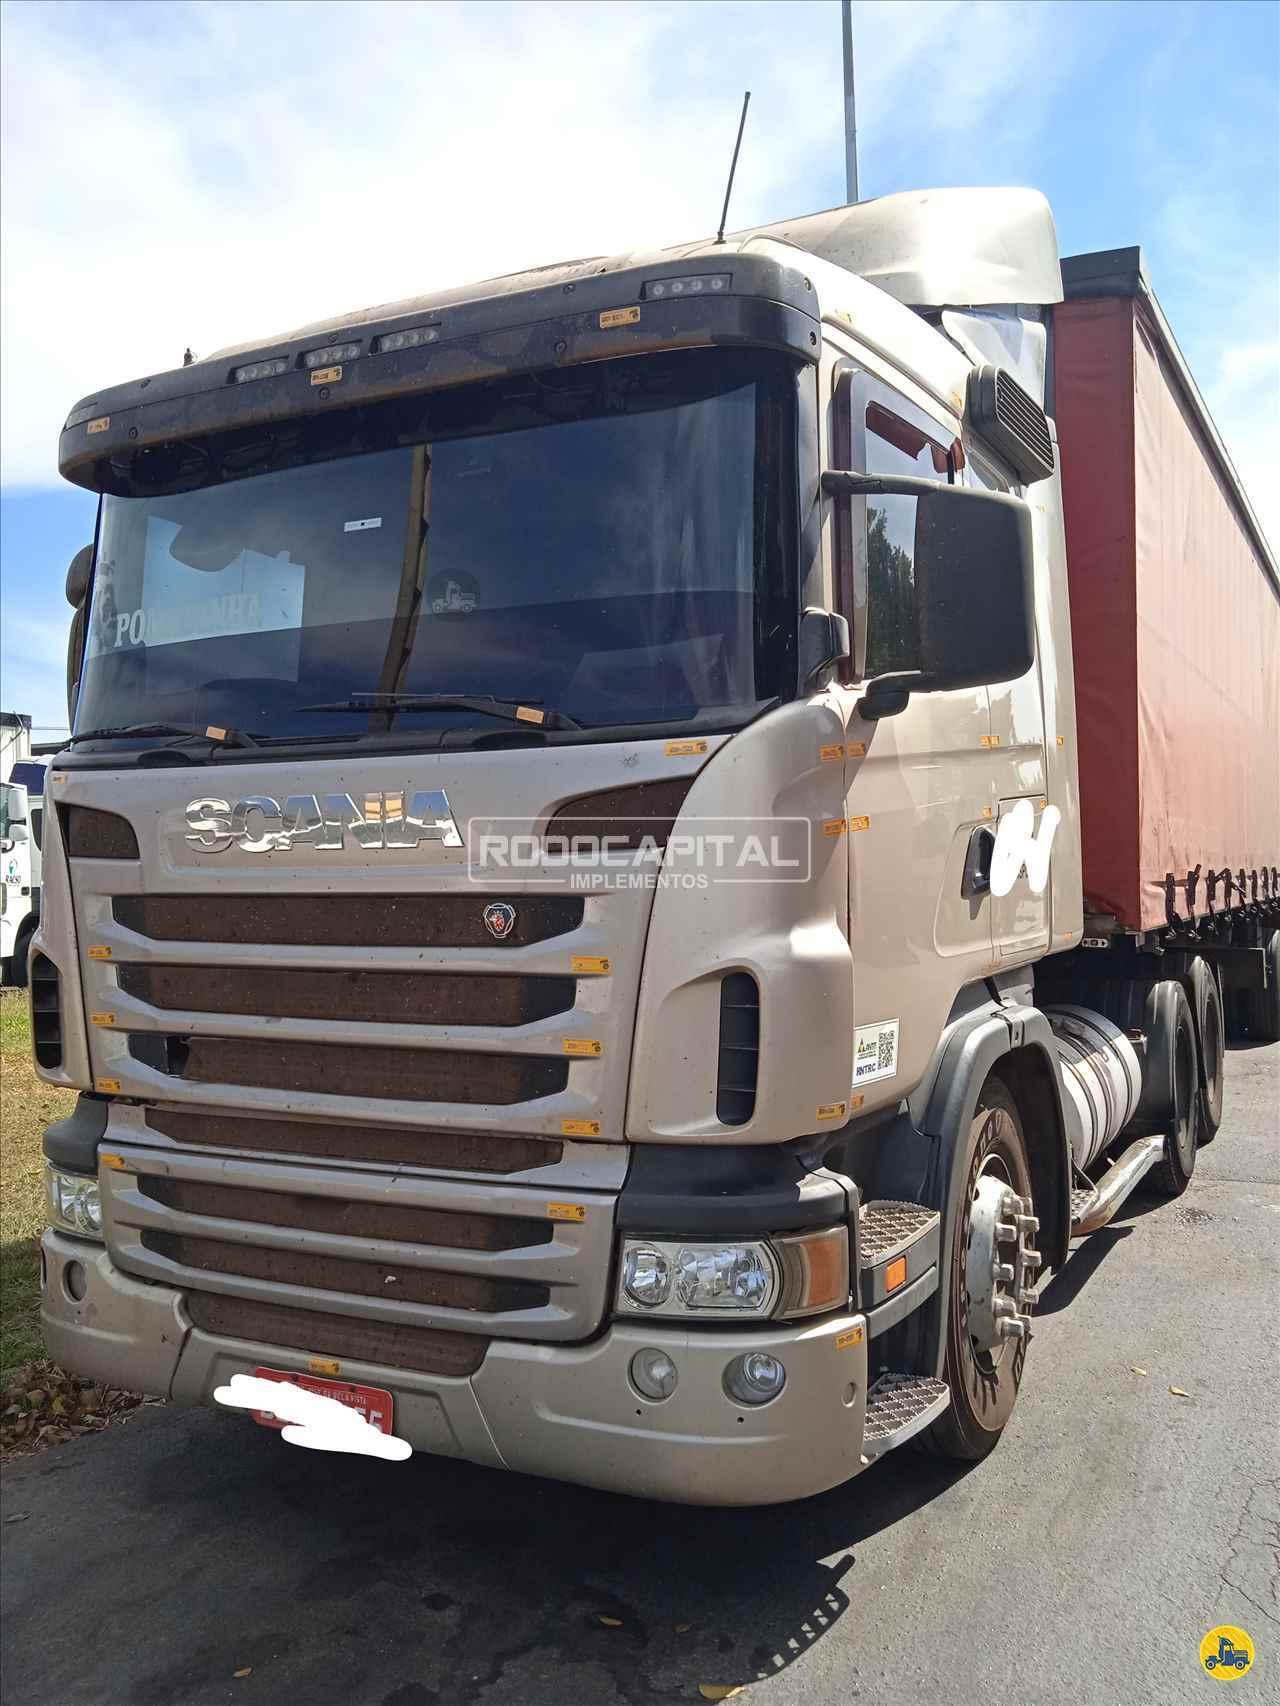 CAMINHAO SCANIA SCANIA 124 420 Cavalo Mecânico Truck 6x2 RODOCAPITAL - TRUCKVAN BRASILIA DISTRITO FEDERAL DF